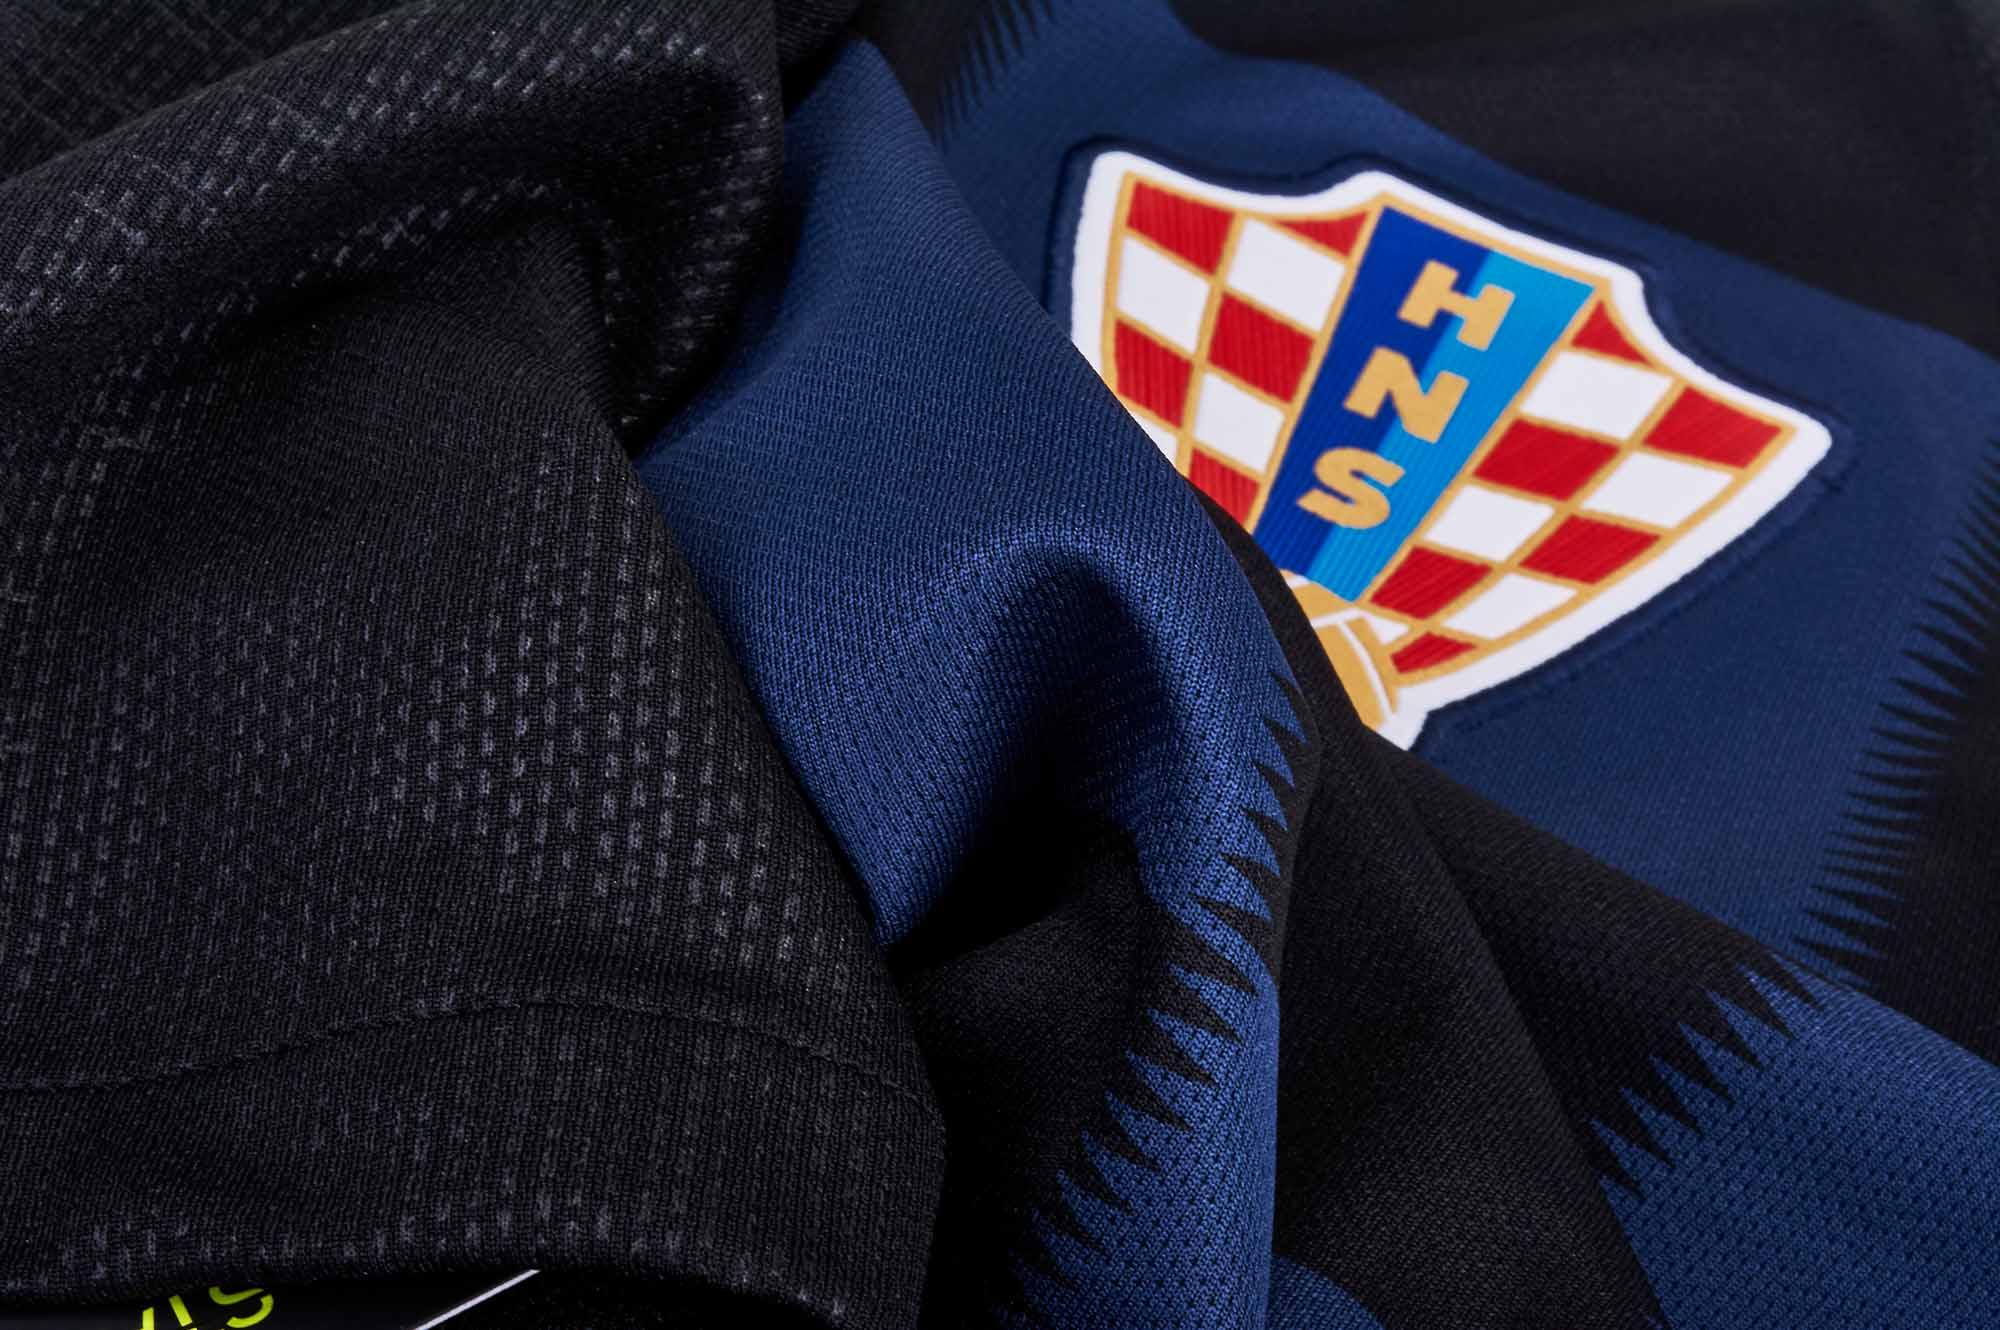 6ac79fb9fa3 Nike Croatia Away Jersey 2018-19 - SoccerPro.com